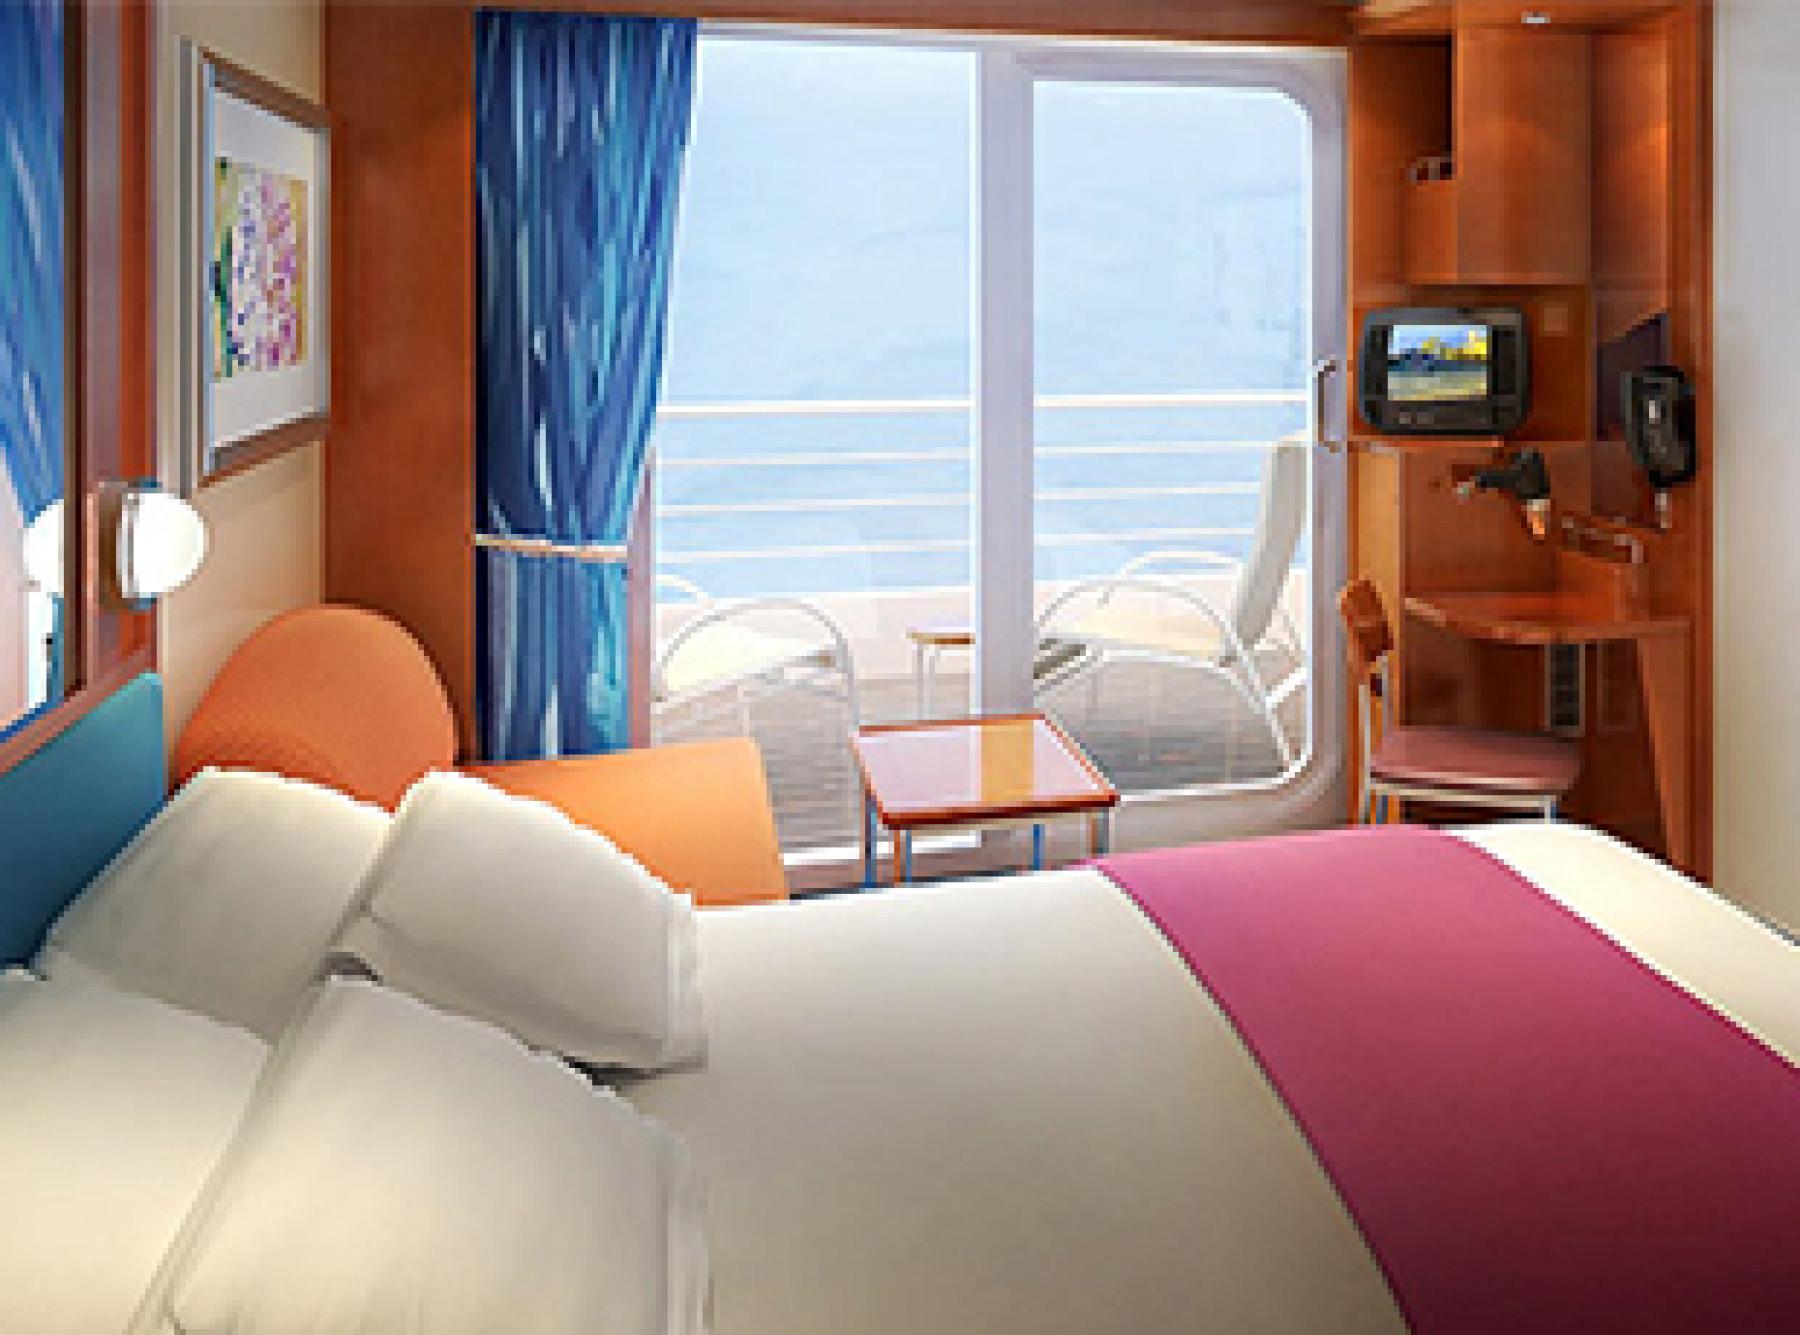 Norwegian Cruise Line Pride of America Accommodation balcony.jpg